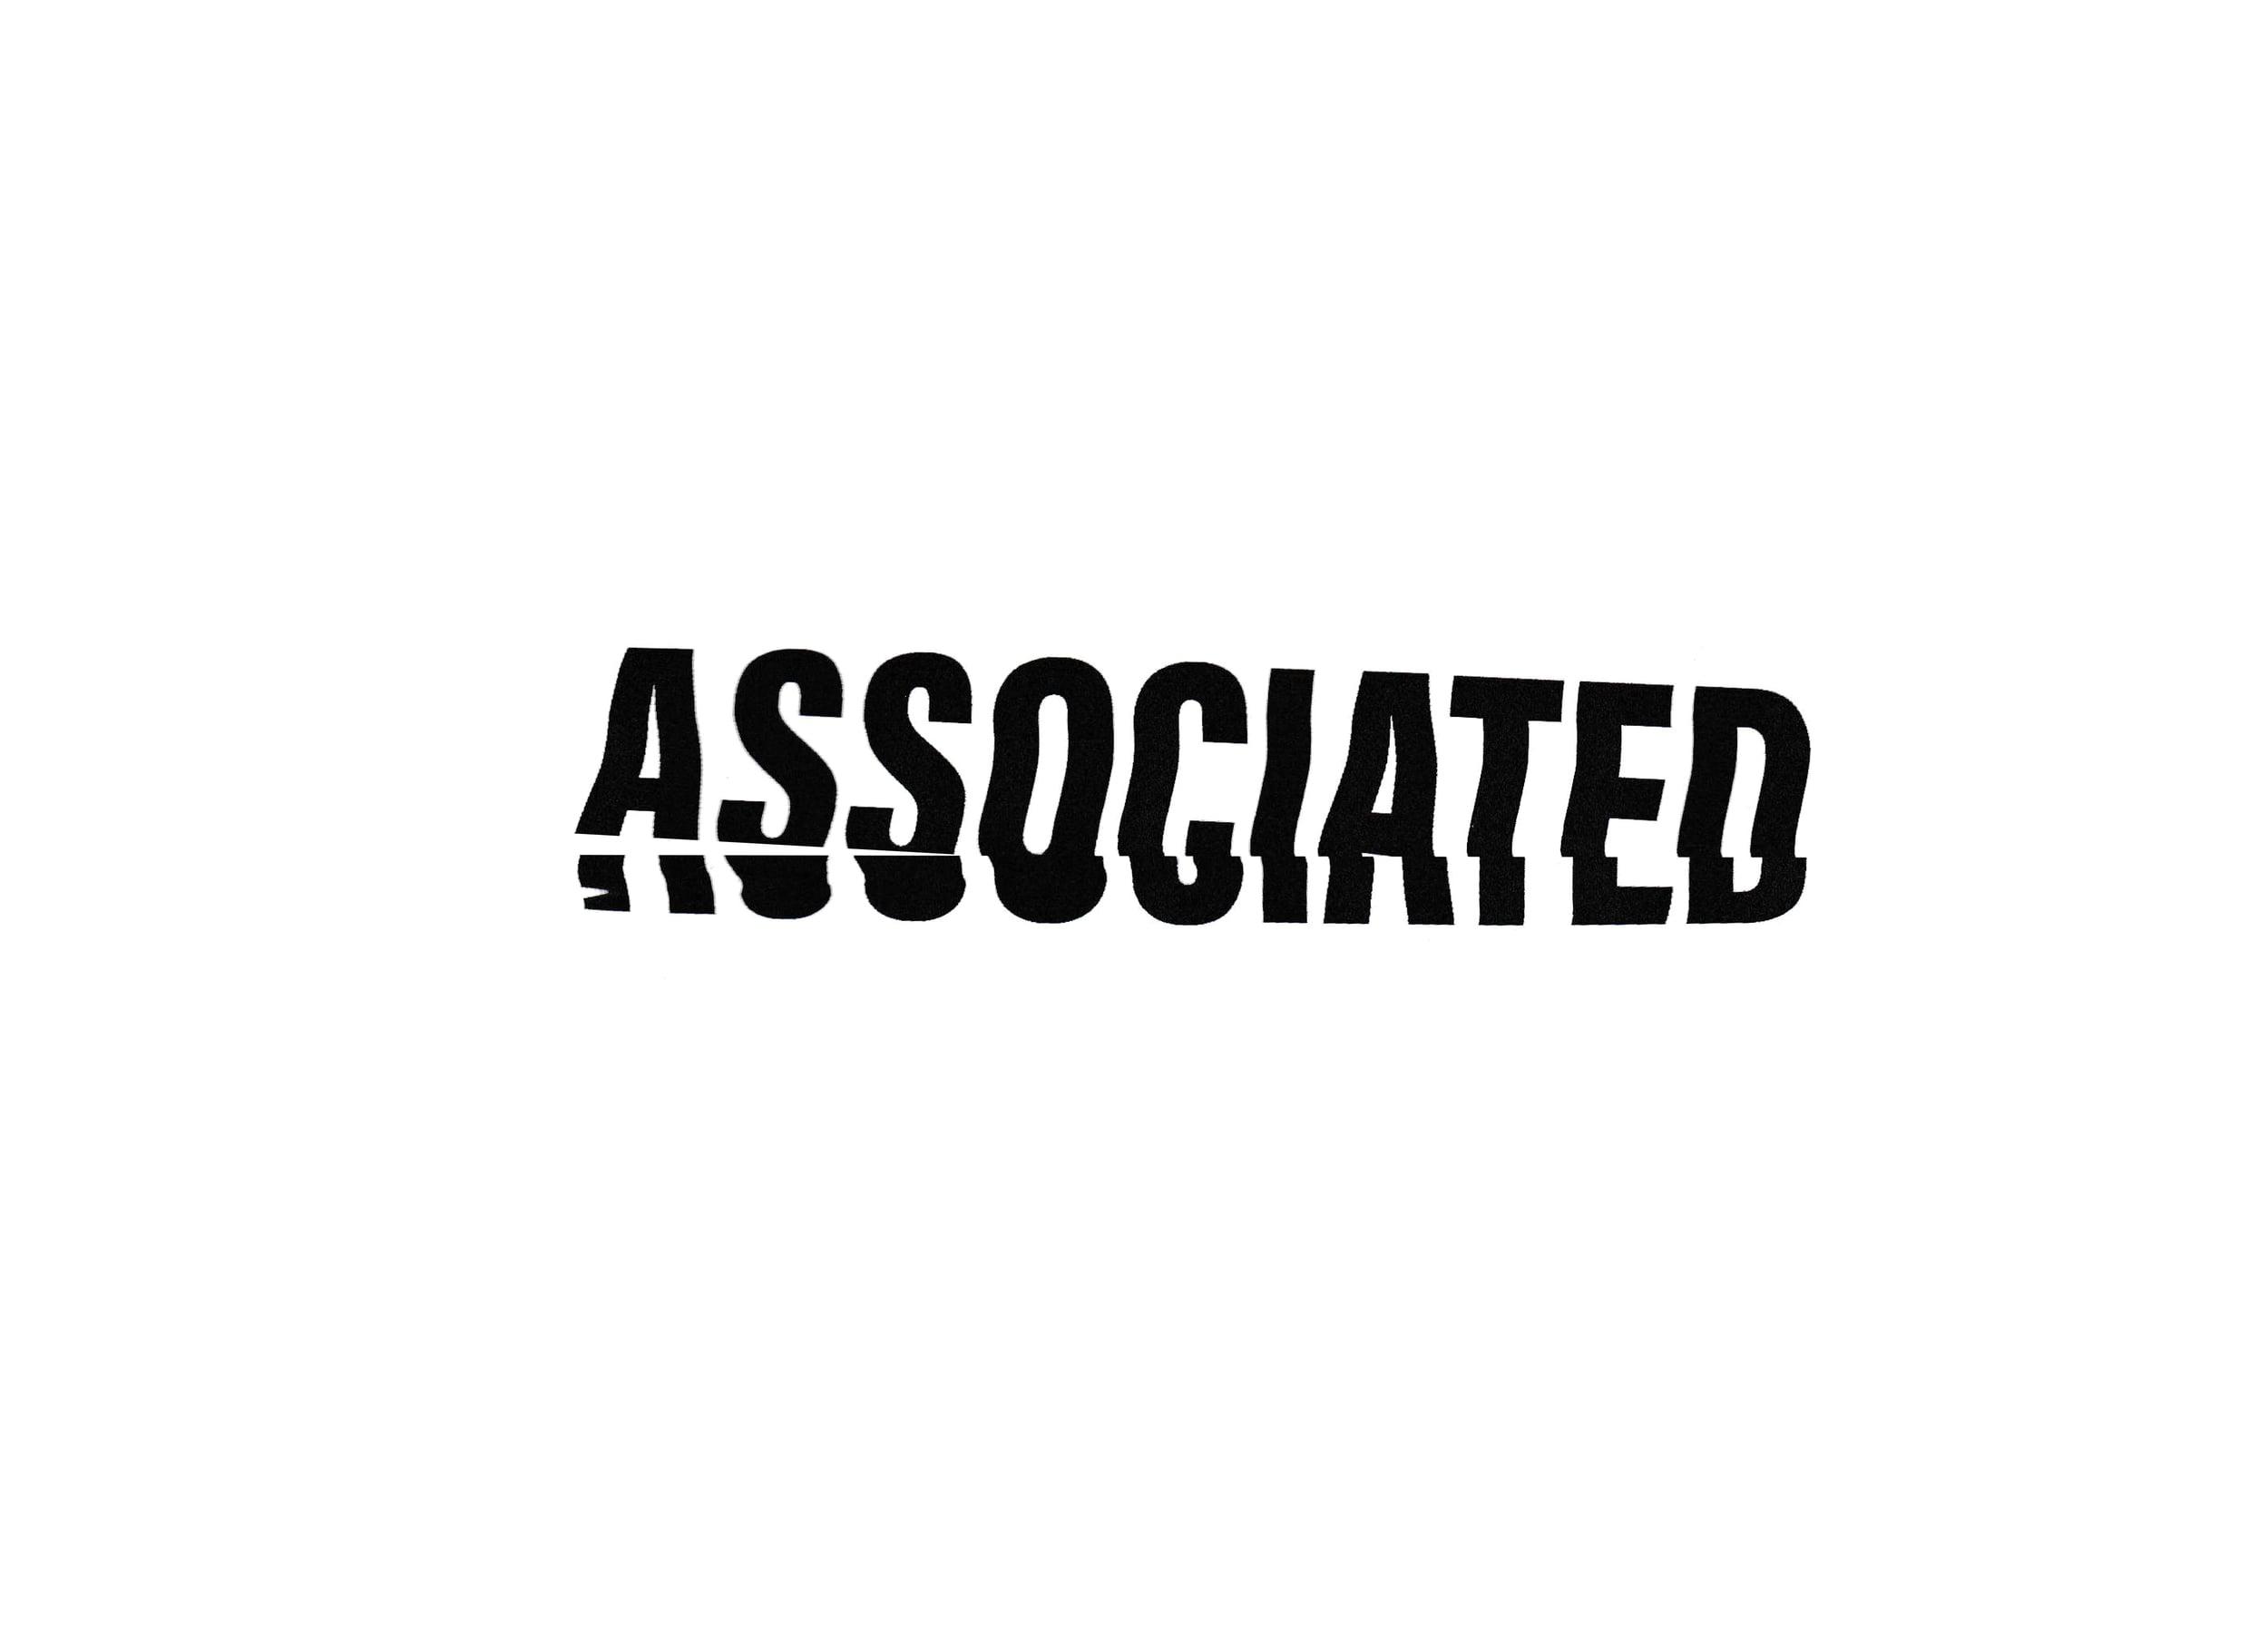 associatedlogo.jpg